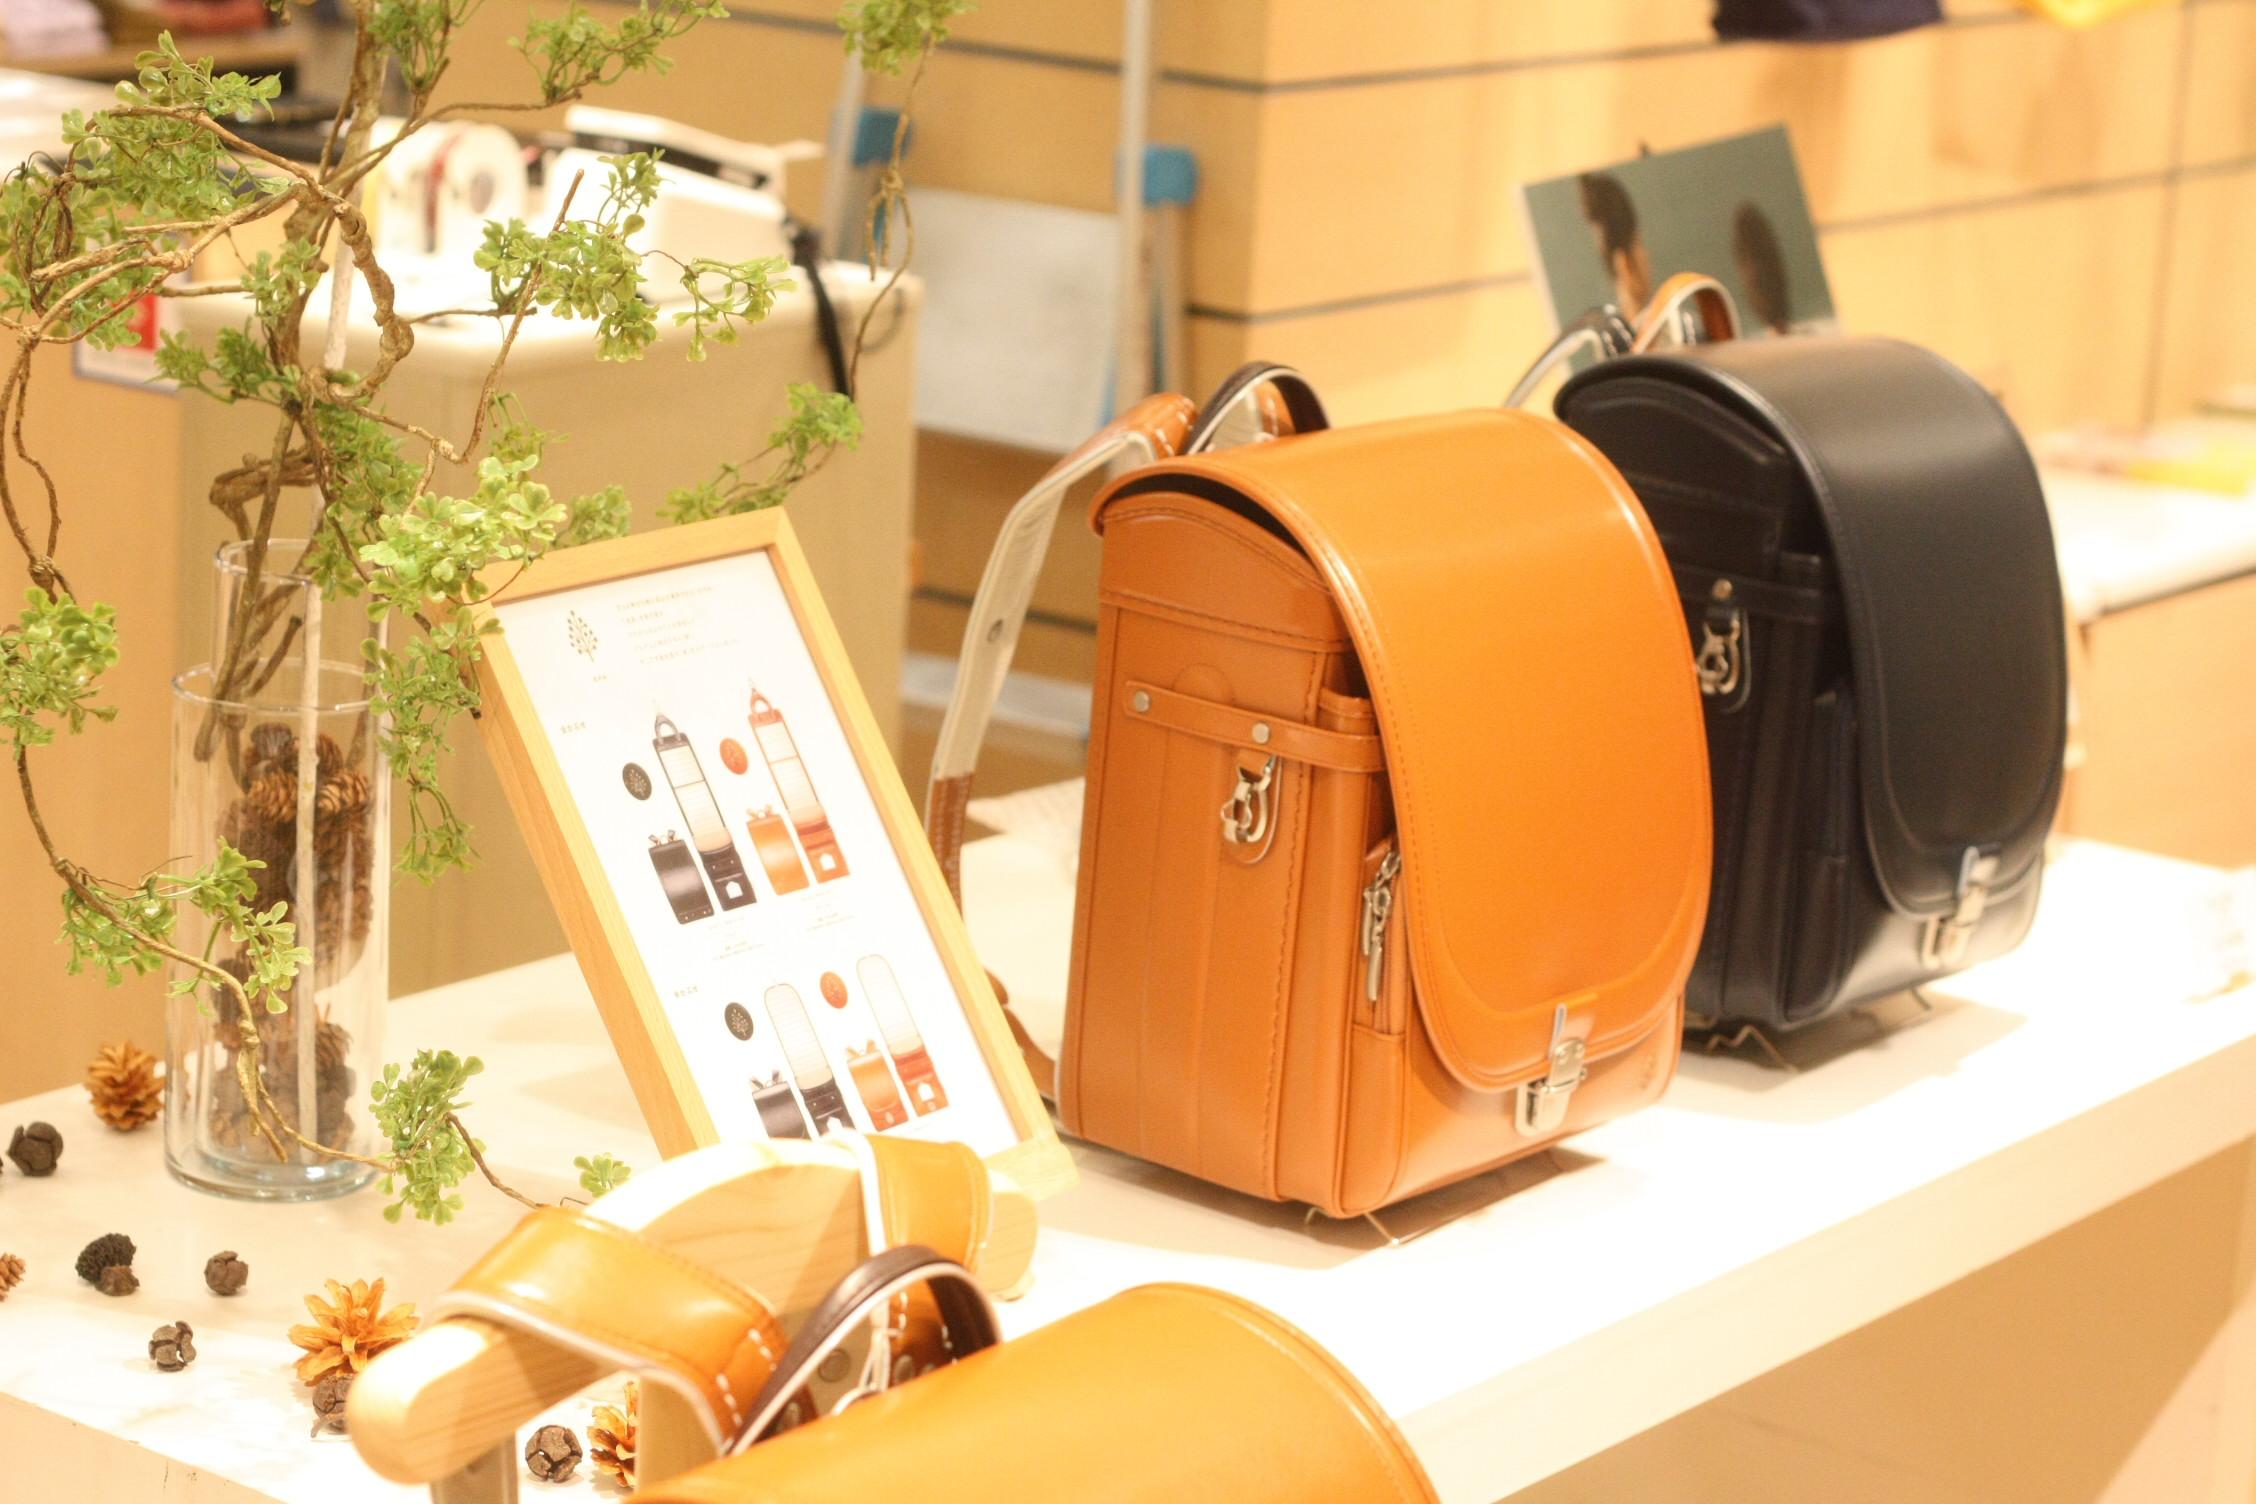 伊勢丹浦和店で展示販売中のランドセルのイメージ きのみ